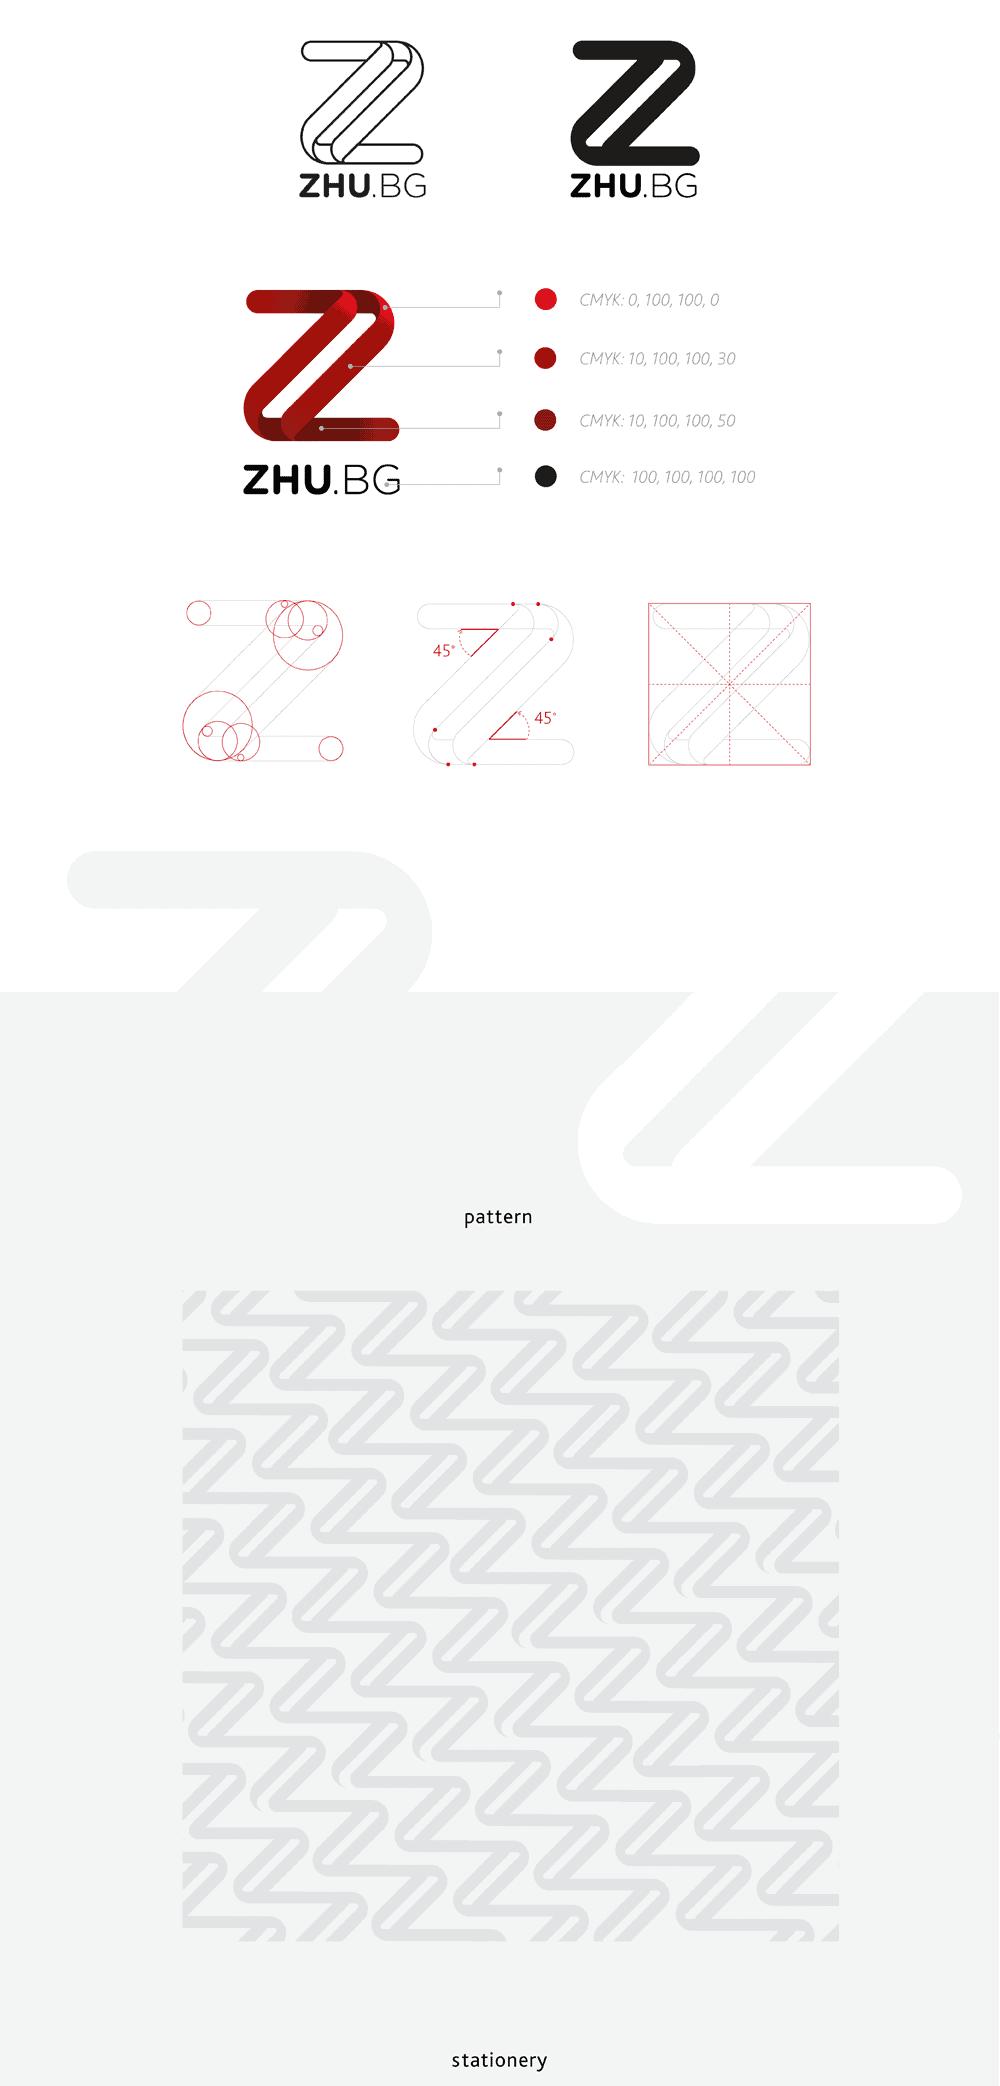 брандинг и лого дизайн - проект Muse Creativity рекламна агенция 1